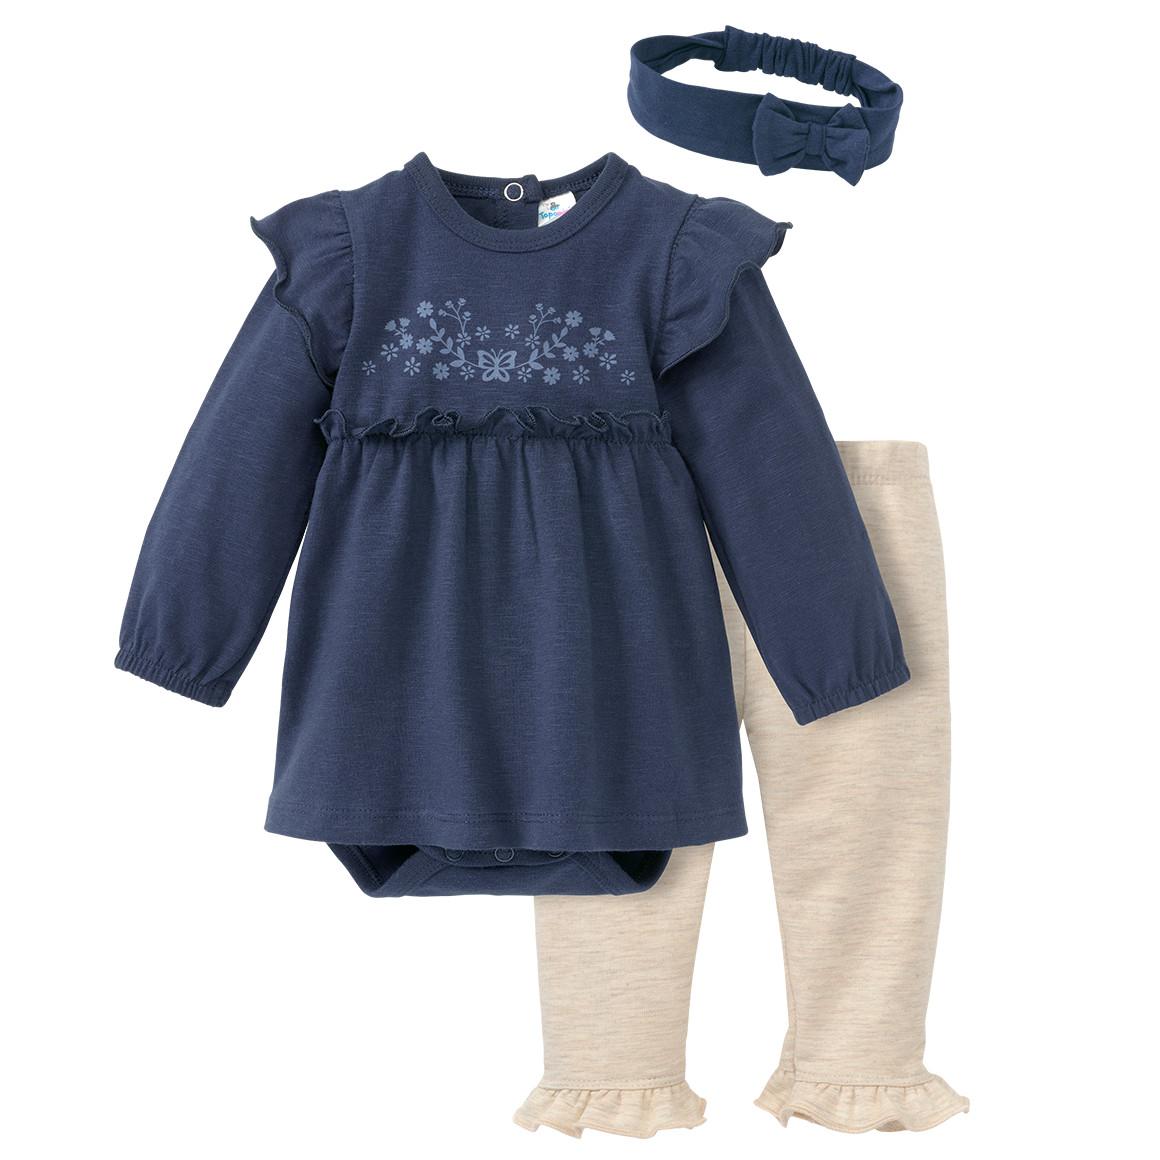 Newborn Bodykleid, Leggings und Haarband